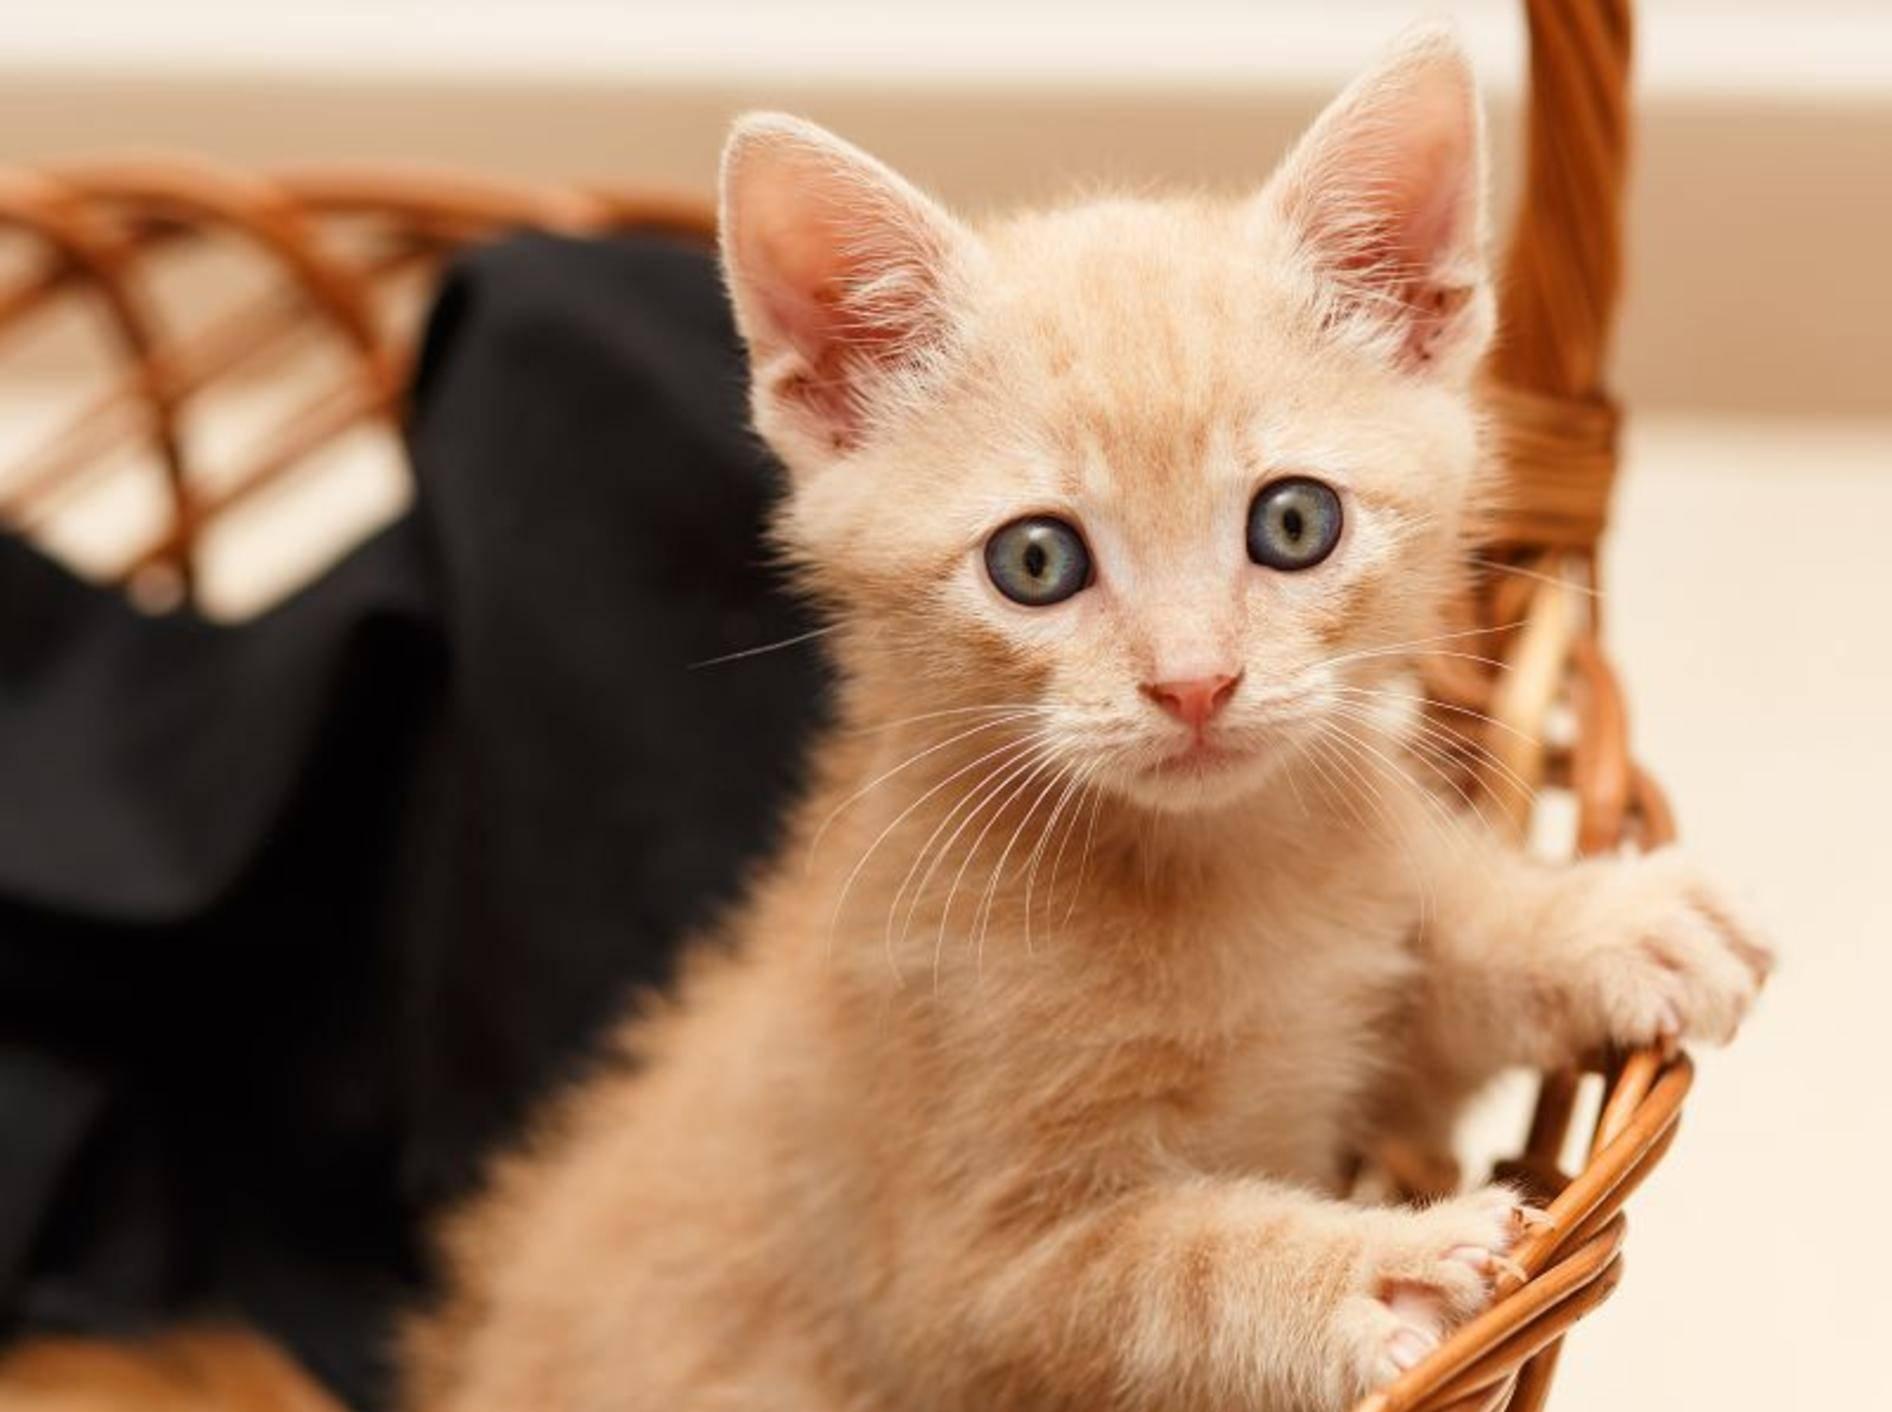 Dieser kleine Kater braucht noch ein wenig, bis er ausgewachsen ist – Bild: Shutterstock / andreaciox